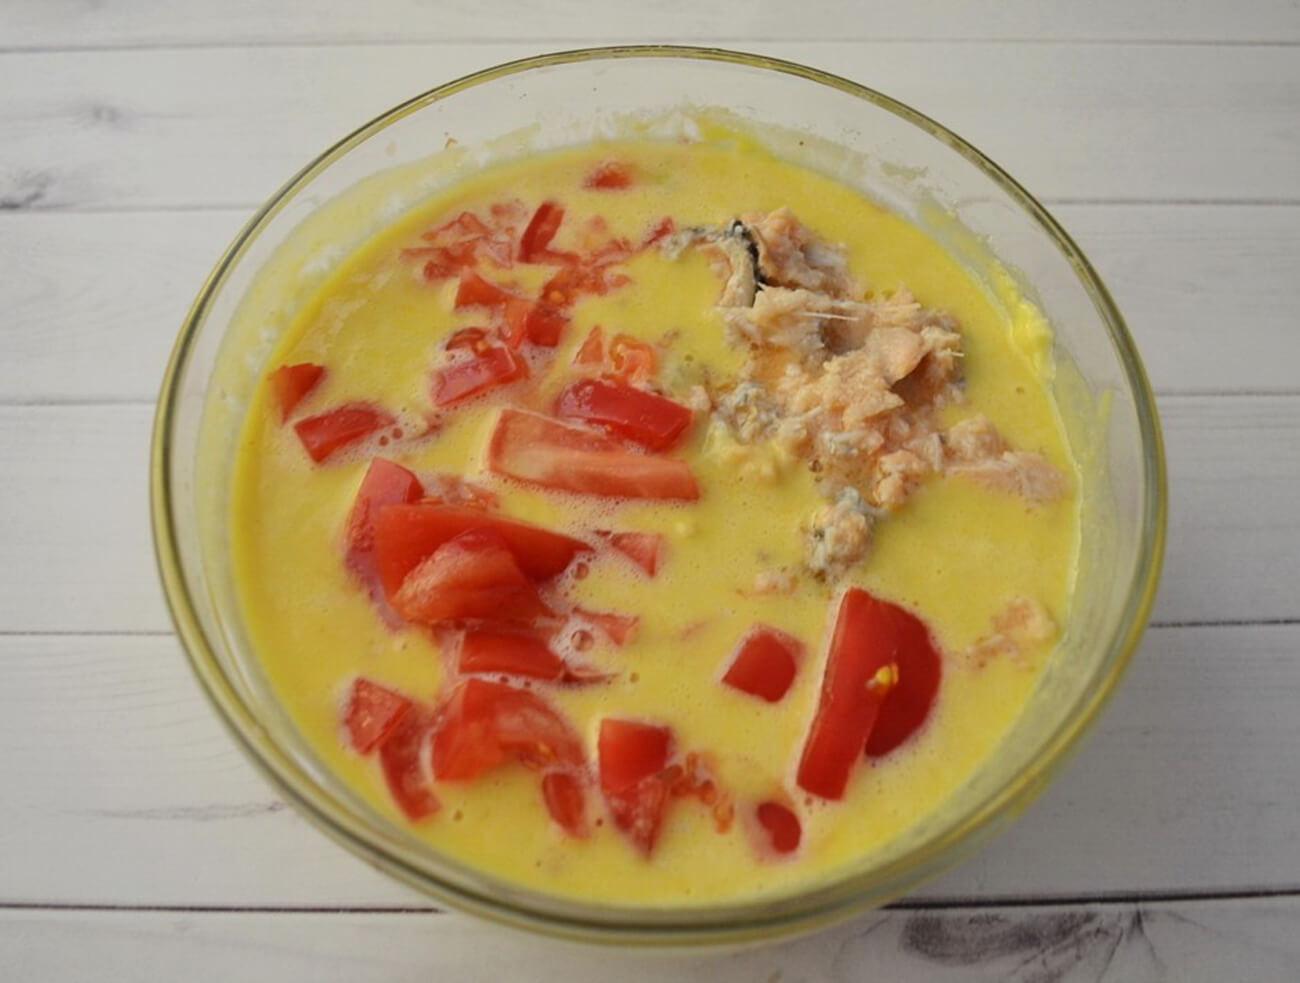 Рыбные консервы слить, рыбу размять вилкой. Добавить в тесто размятую рыбу и порезанный помидор